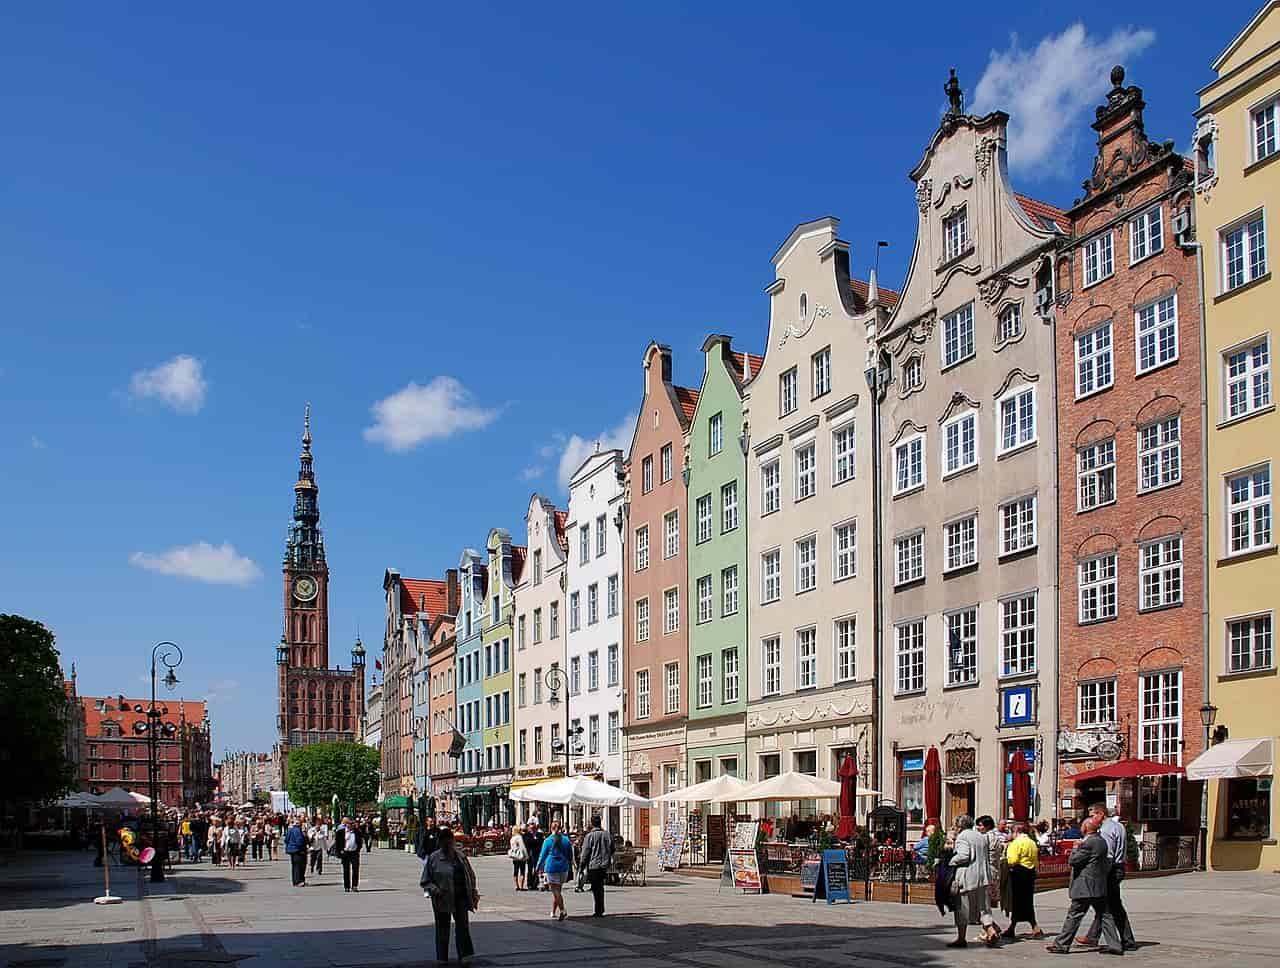 Co warto zobaczyć w Gdańsku? Podpowiadamy